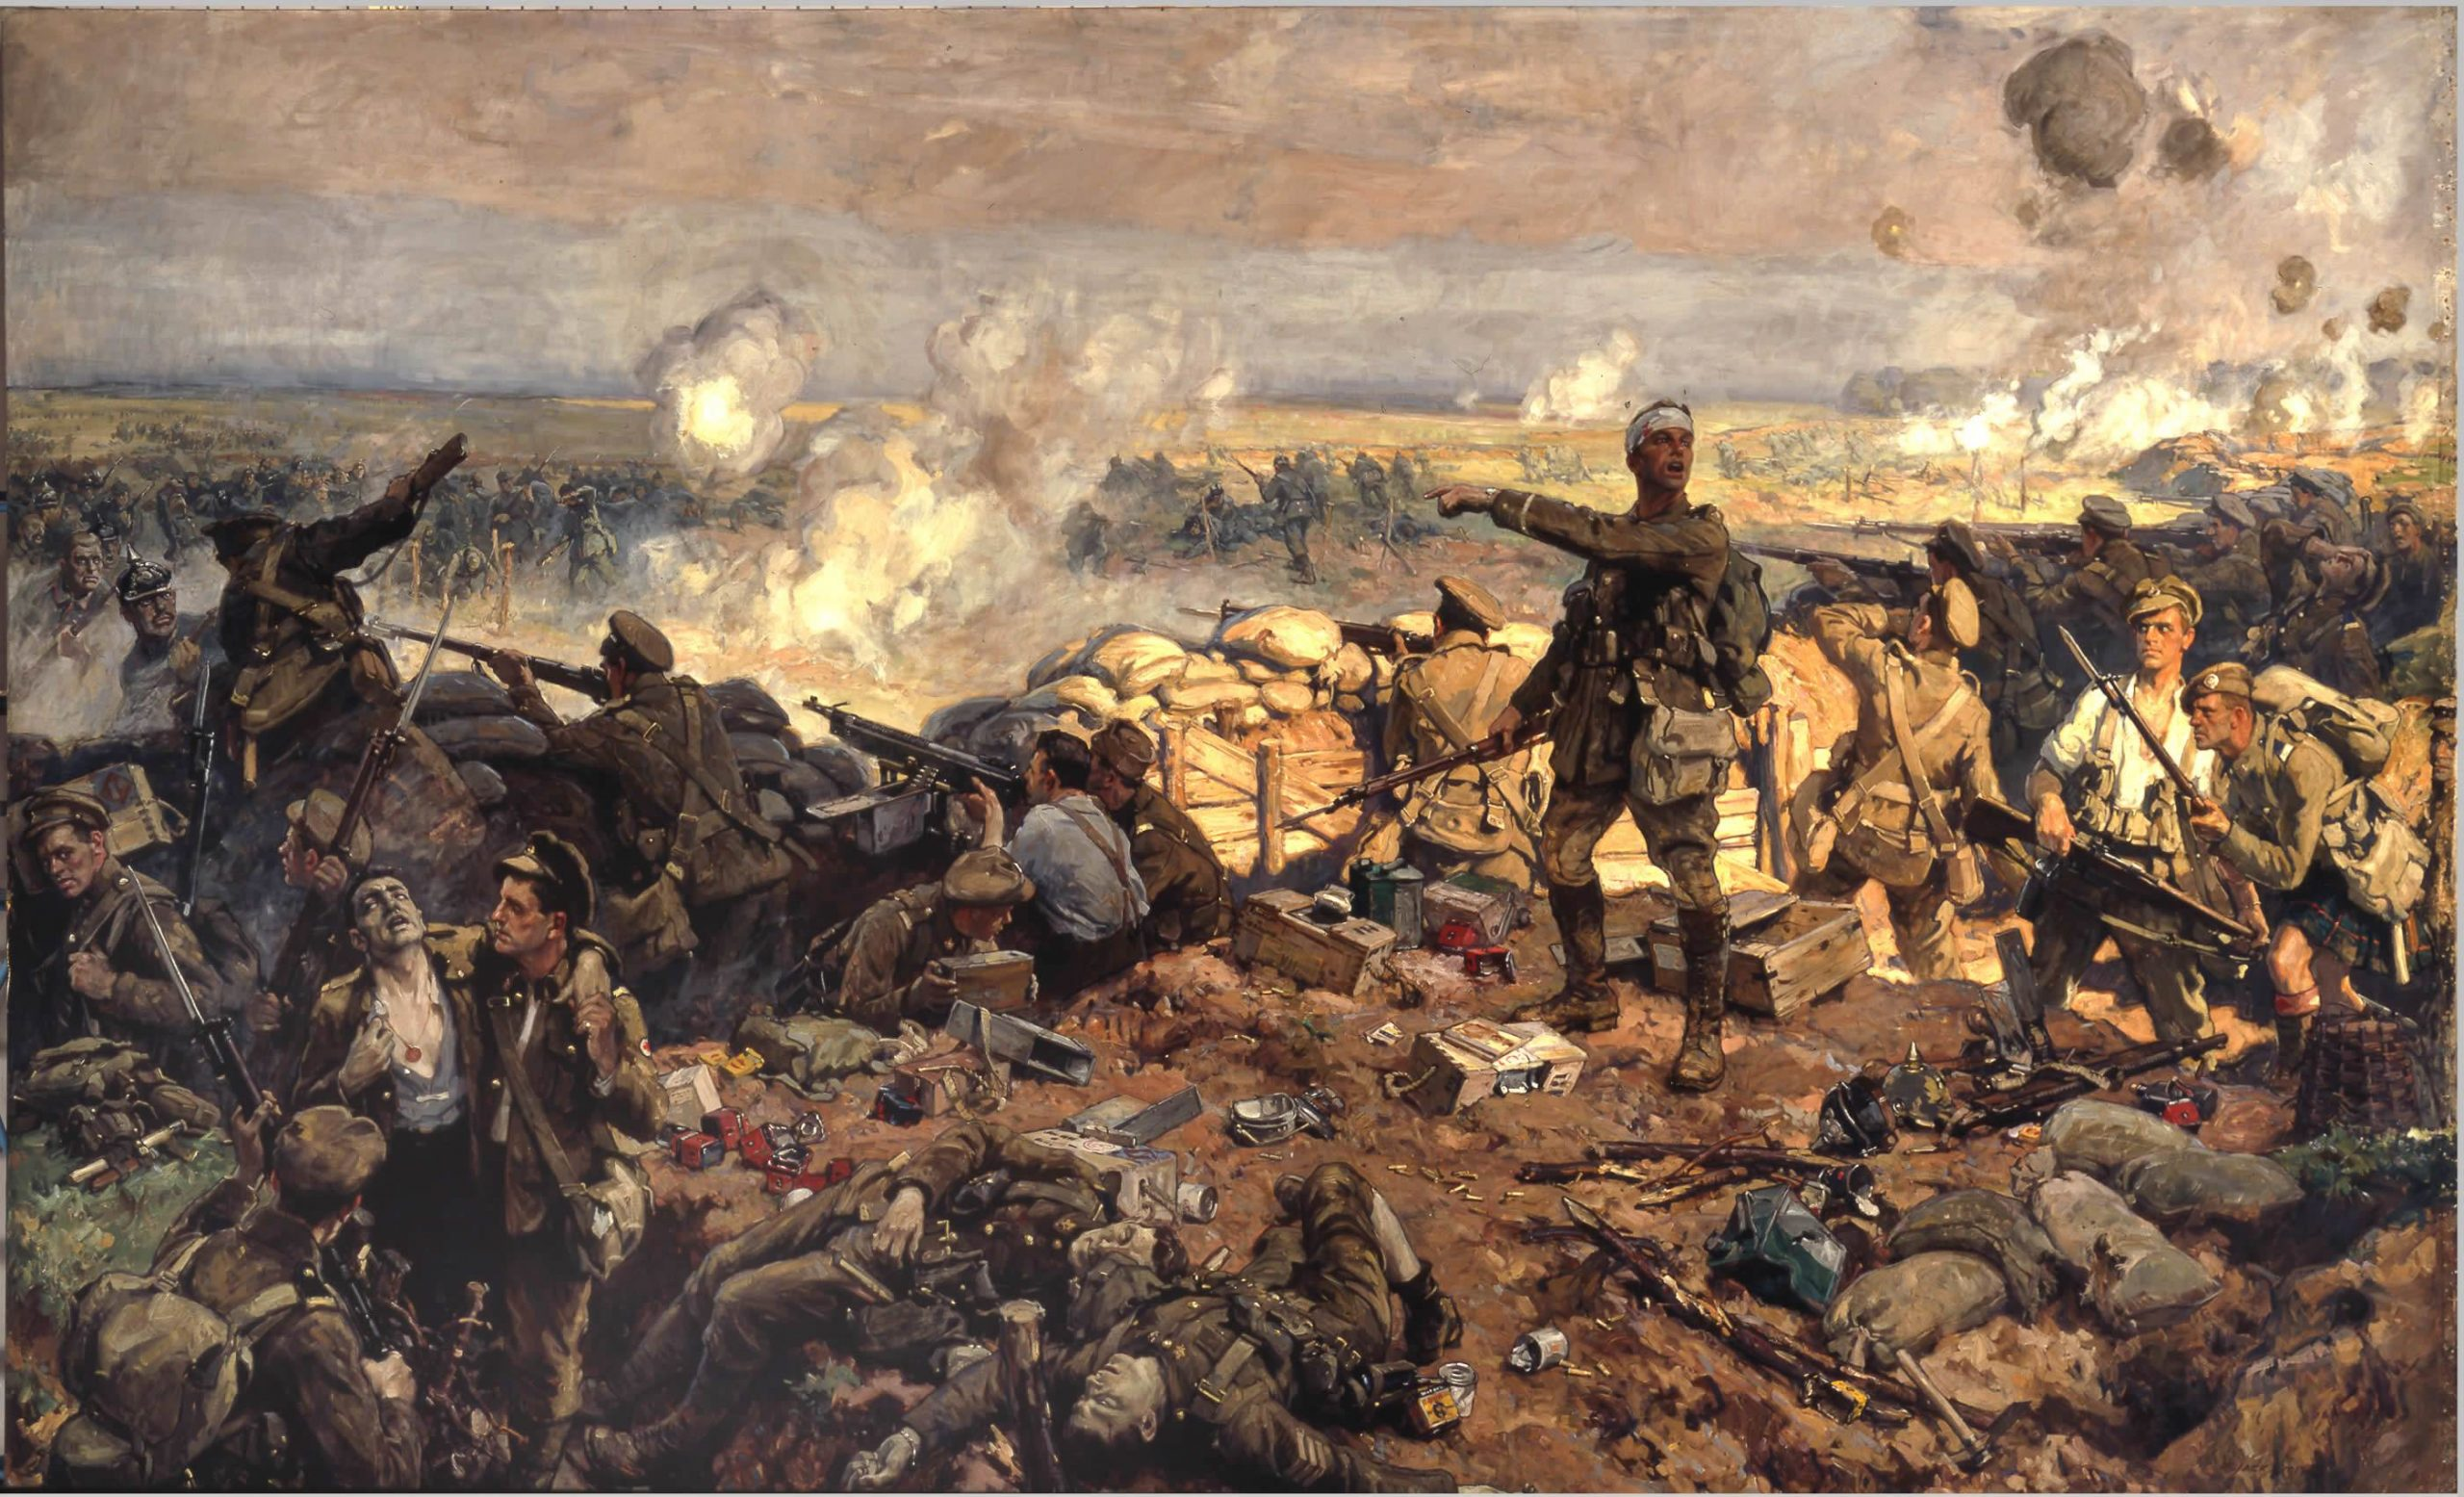 تفسير حلم رؤية الحرب